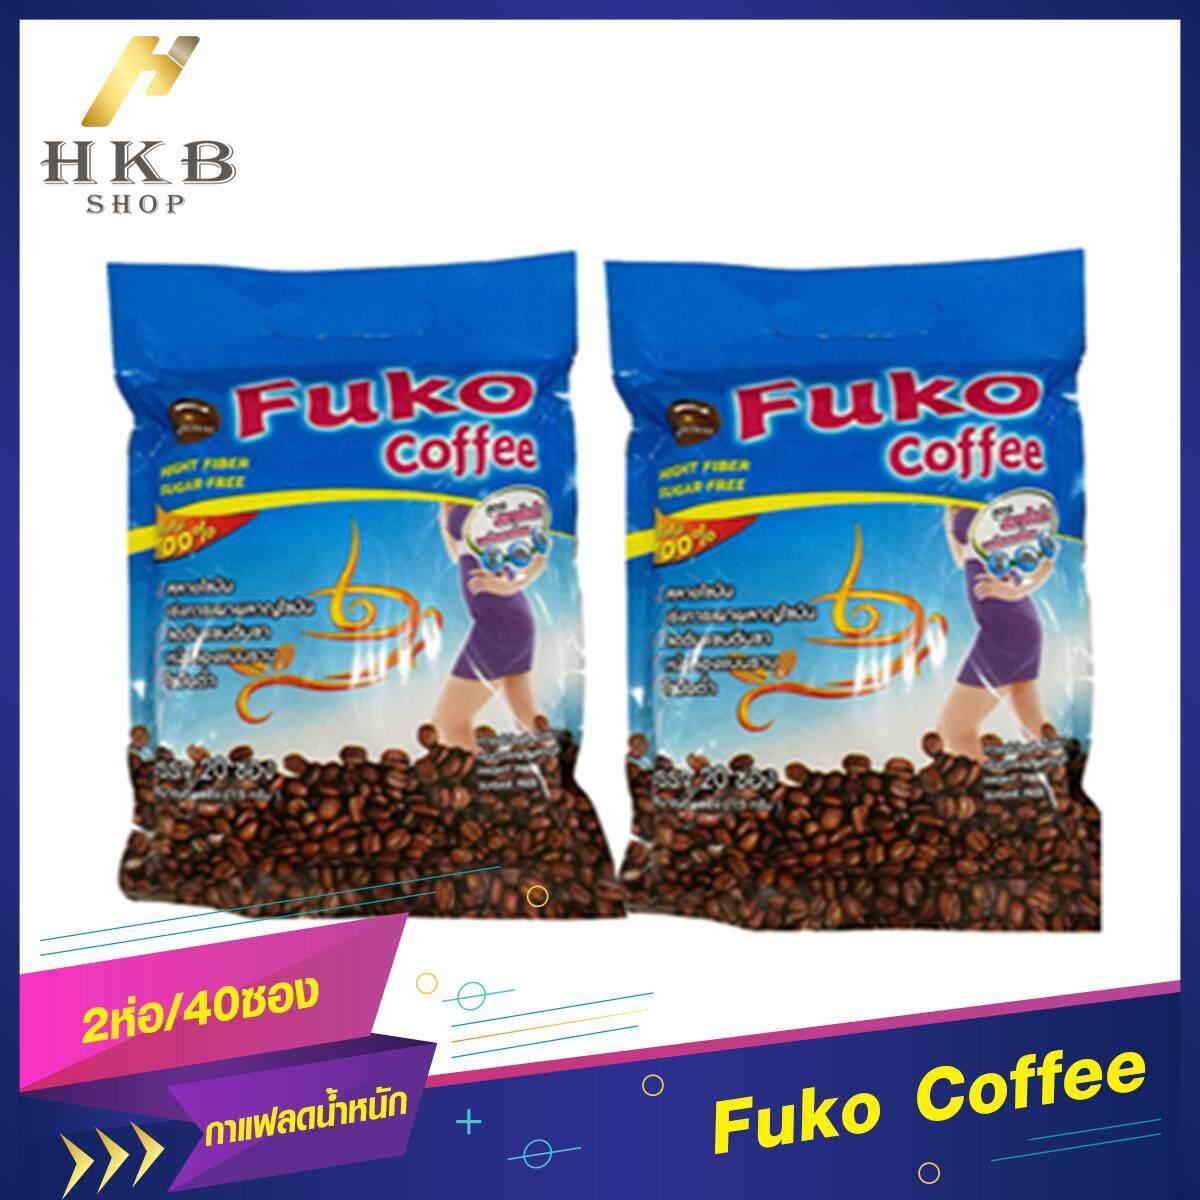 ⚡️2ห่อ/แท้/พร้อมส่ง⚡️ Fuko Coffee ฟูโกะ ค็อฟฟี่ กาแฟฟูโกะ กาแฟลดน้ำหนัก สูตรสลายไขมัน ลดต้นแขนต้นขา.